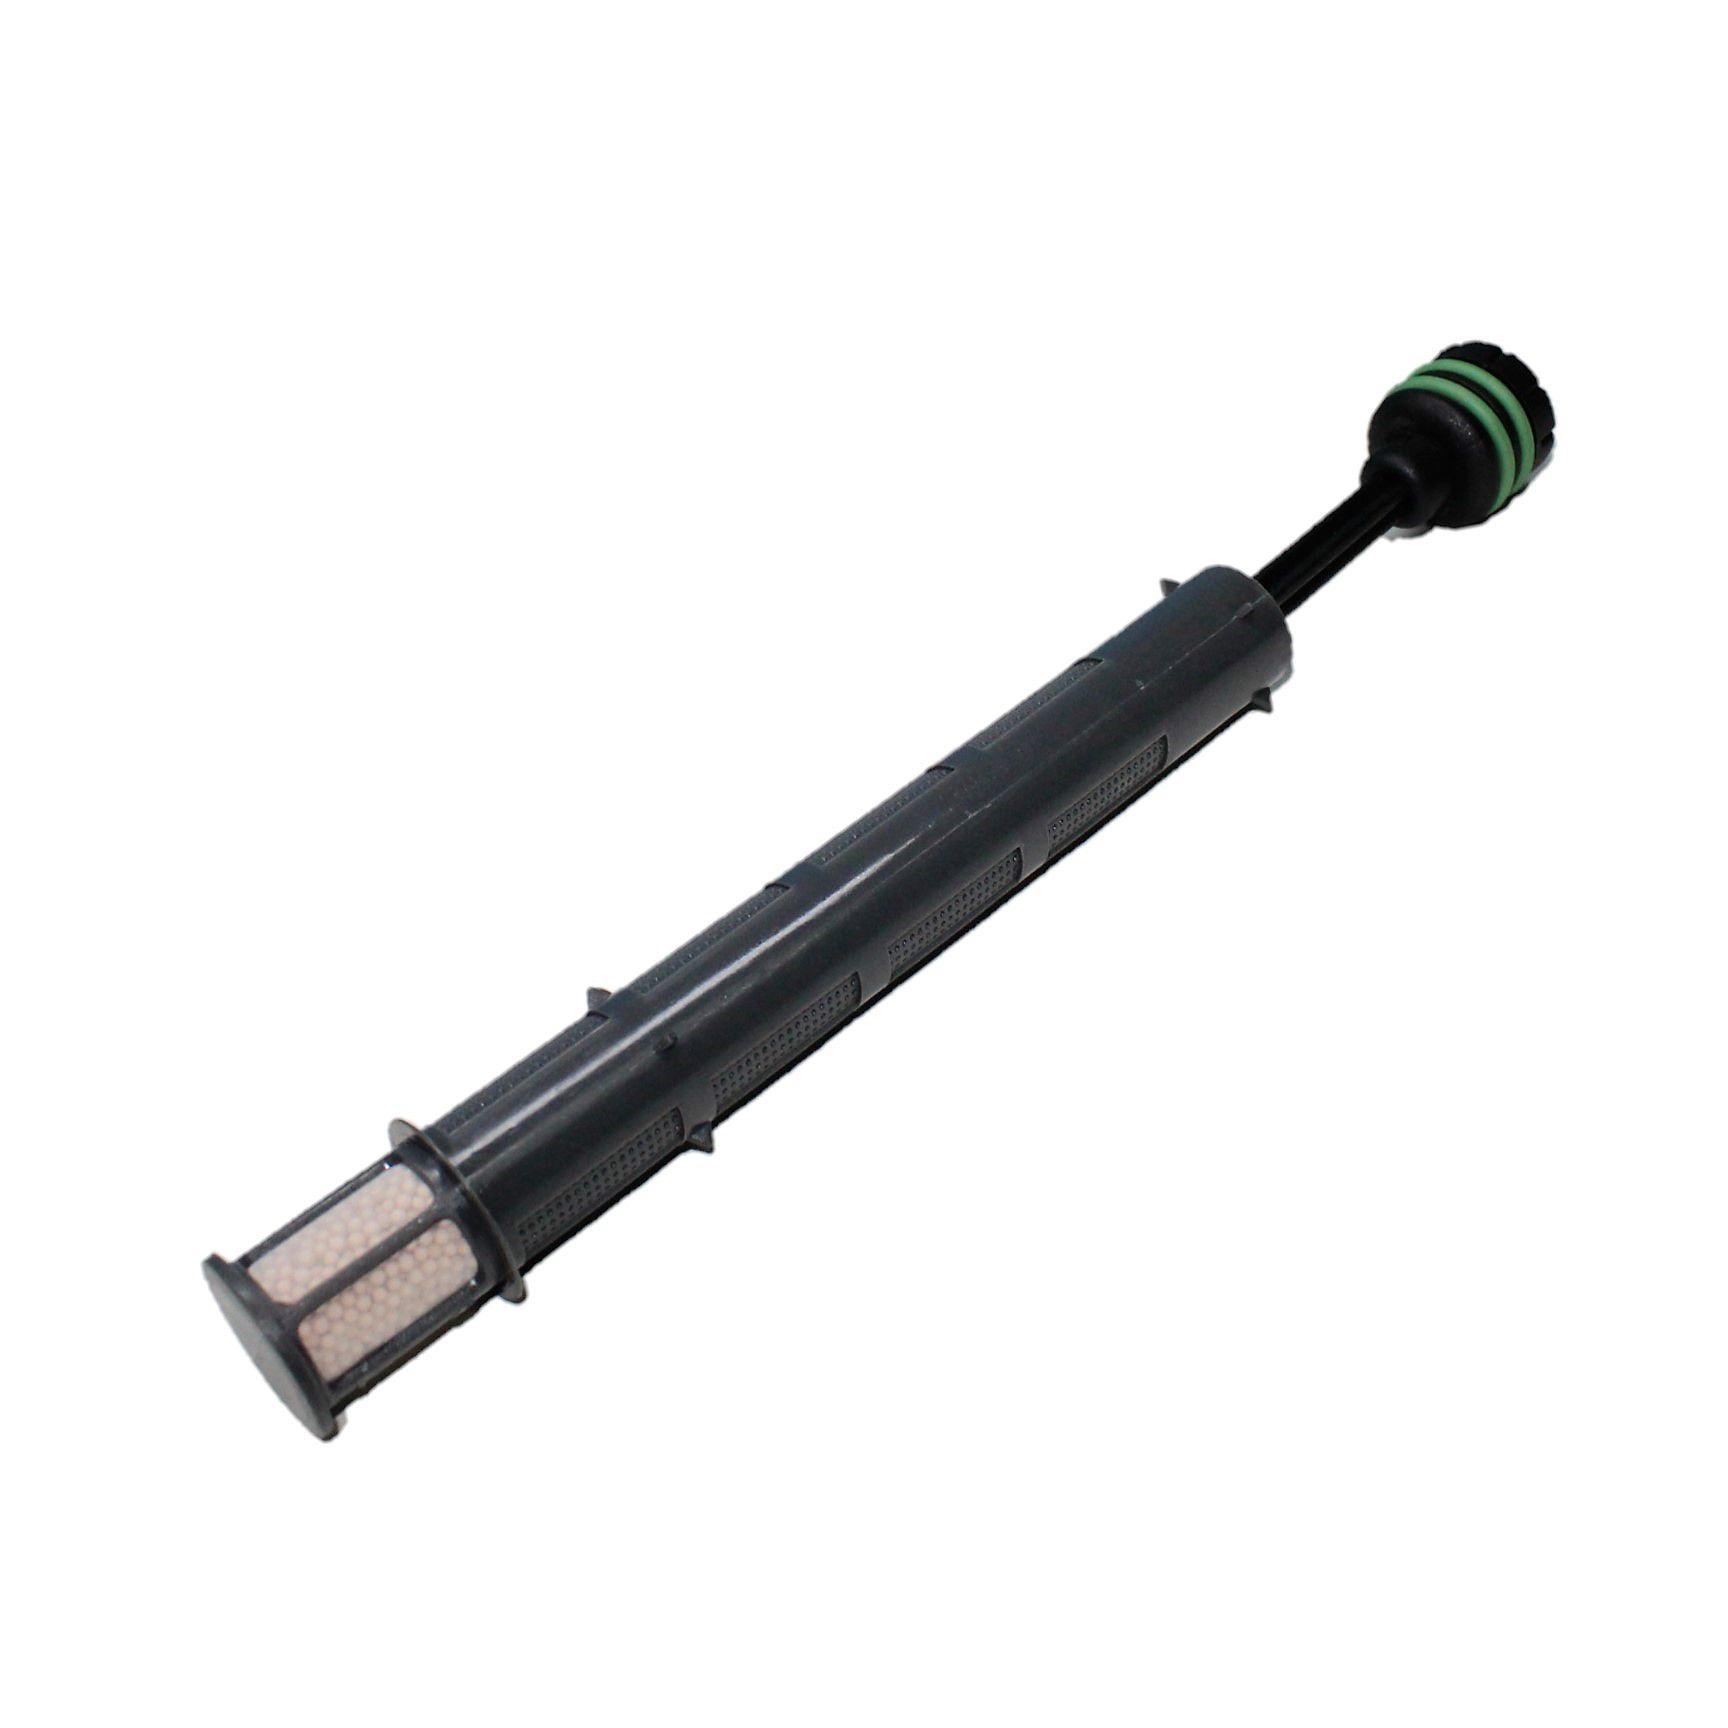 Refil Filtro Secador Ar Condicionado Palio, Idea, Stilo - 1.8